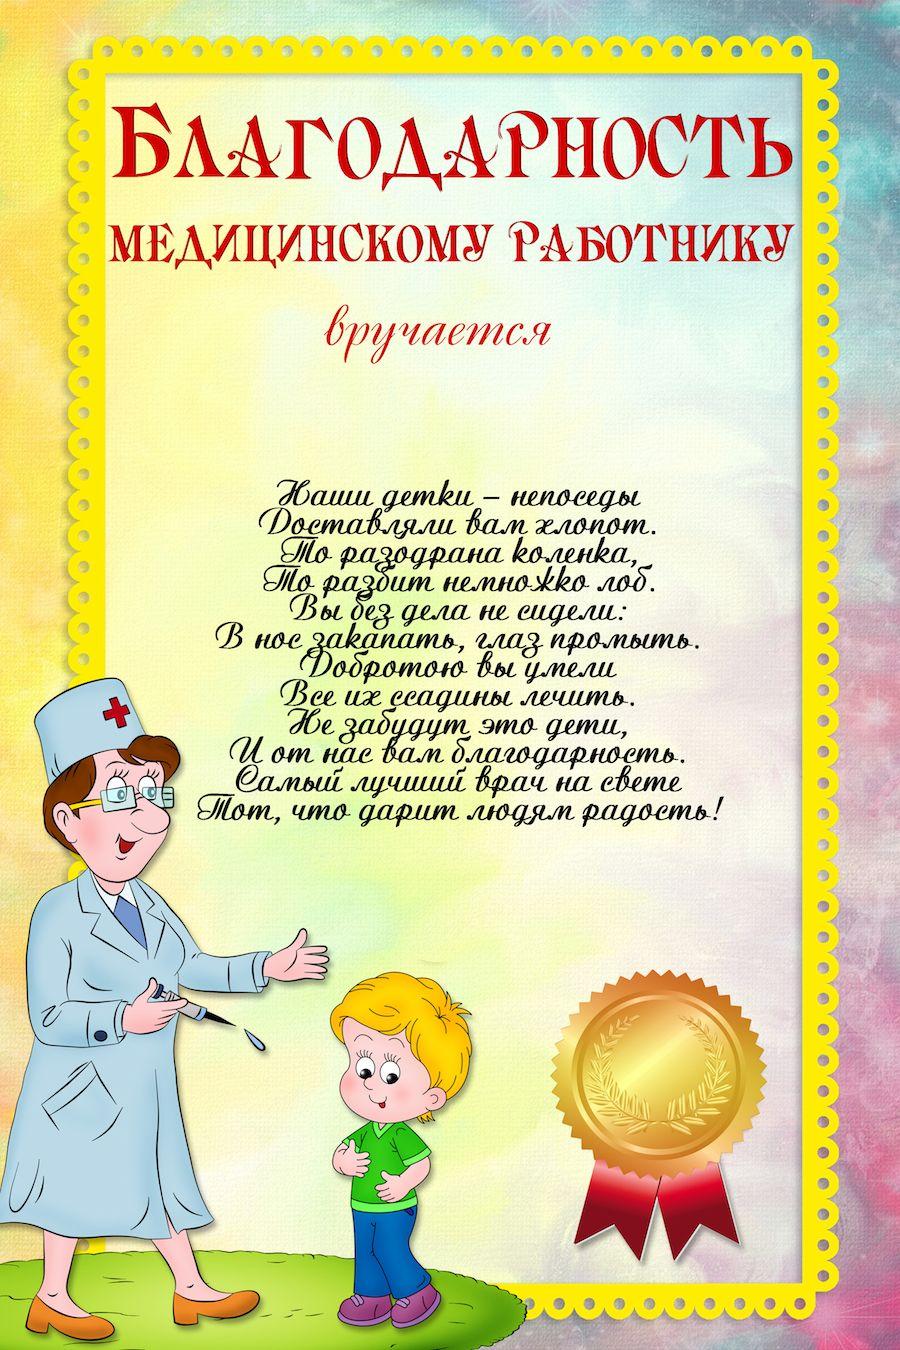 Грамота поздравление медиков